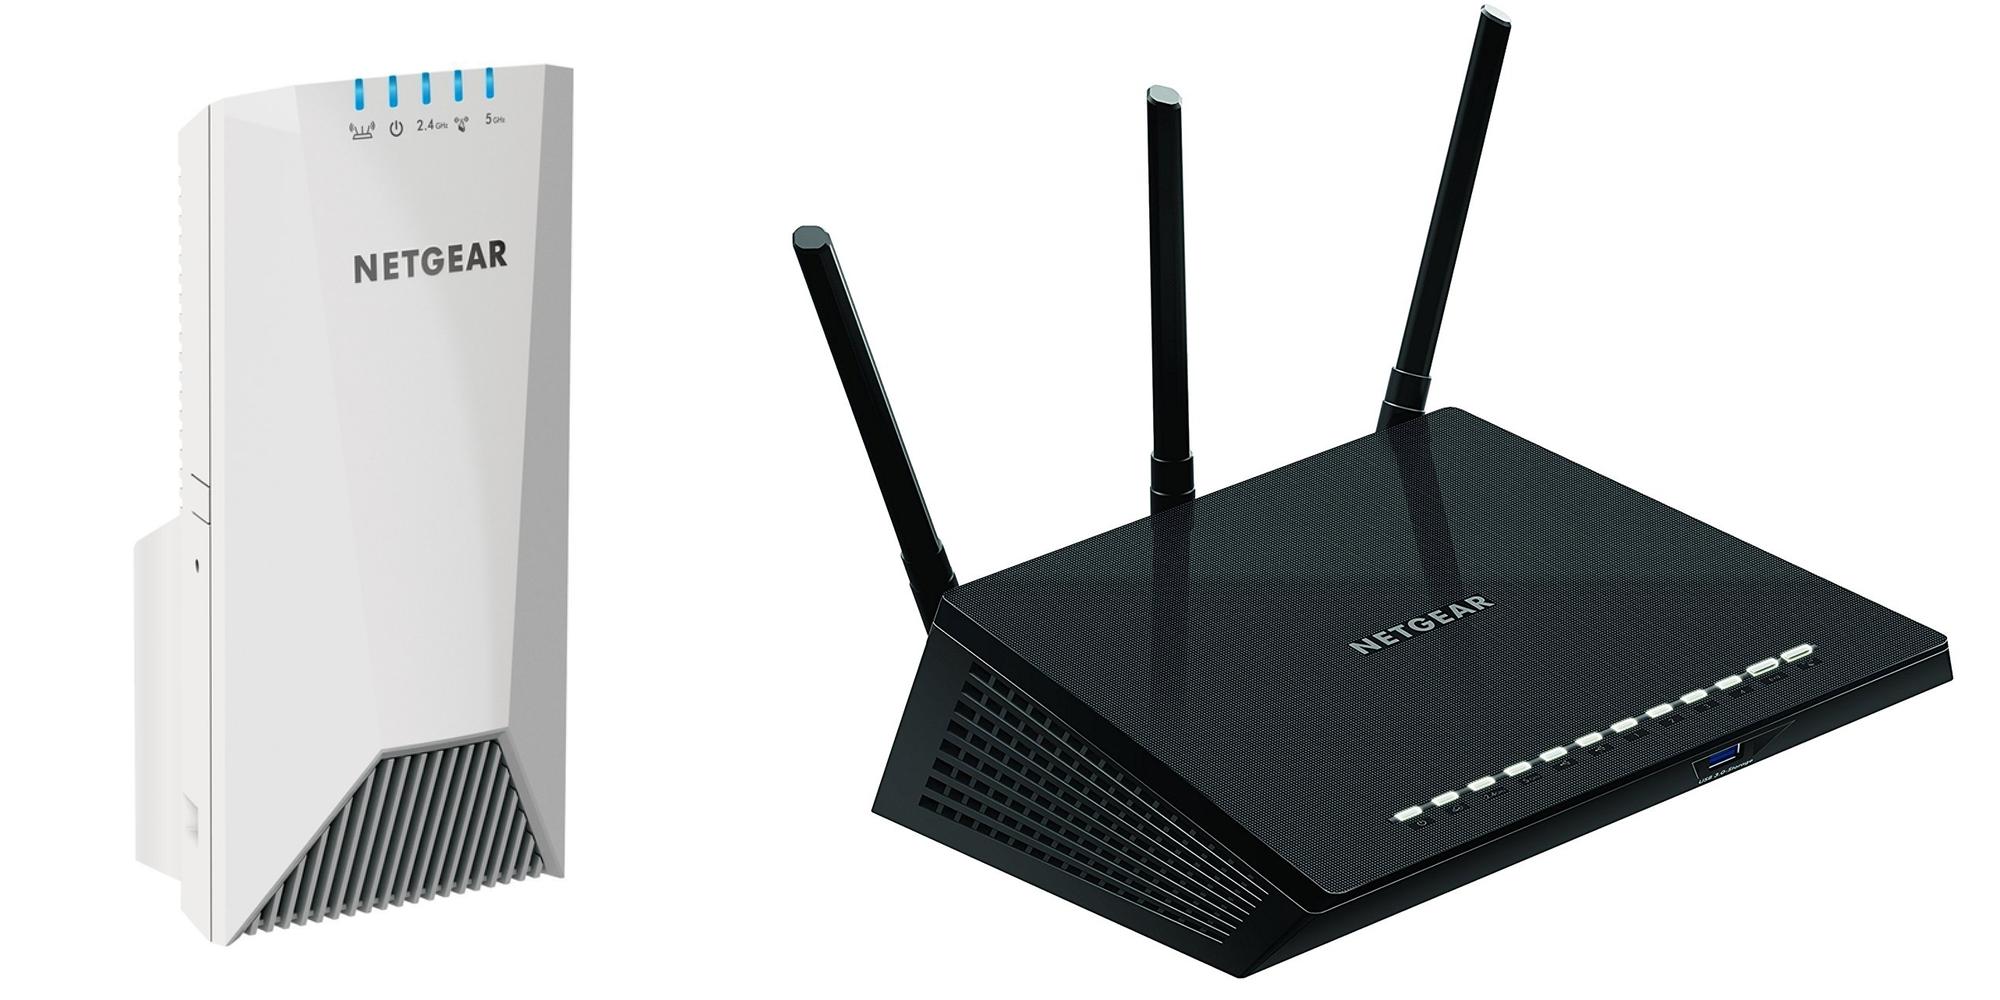 Netgear's 802.11ac Nighthawk Router & X4S Extender bundle falls to $200 ($60 off ...